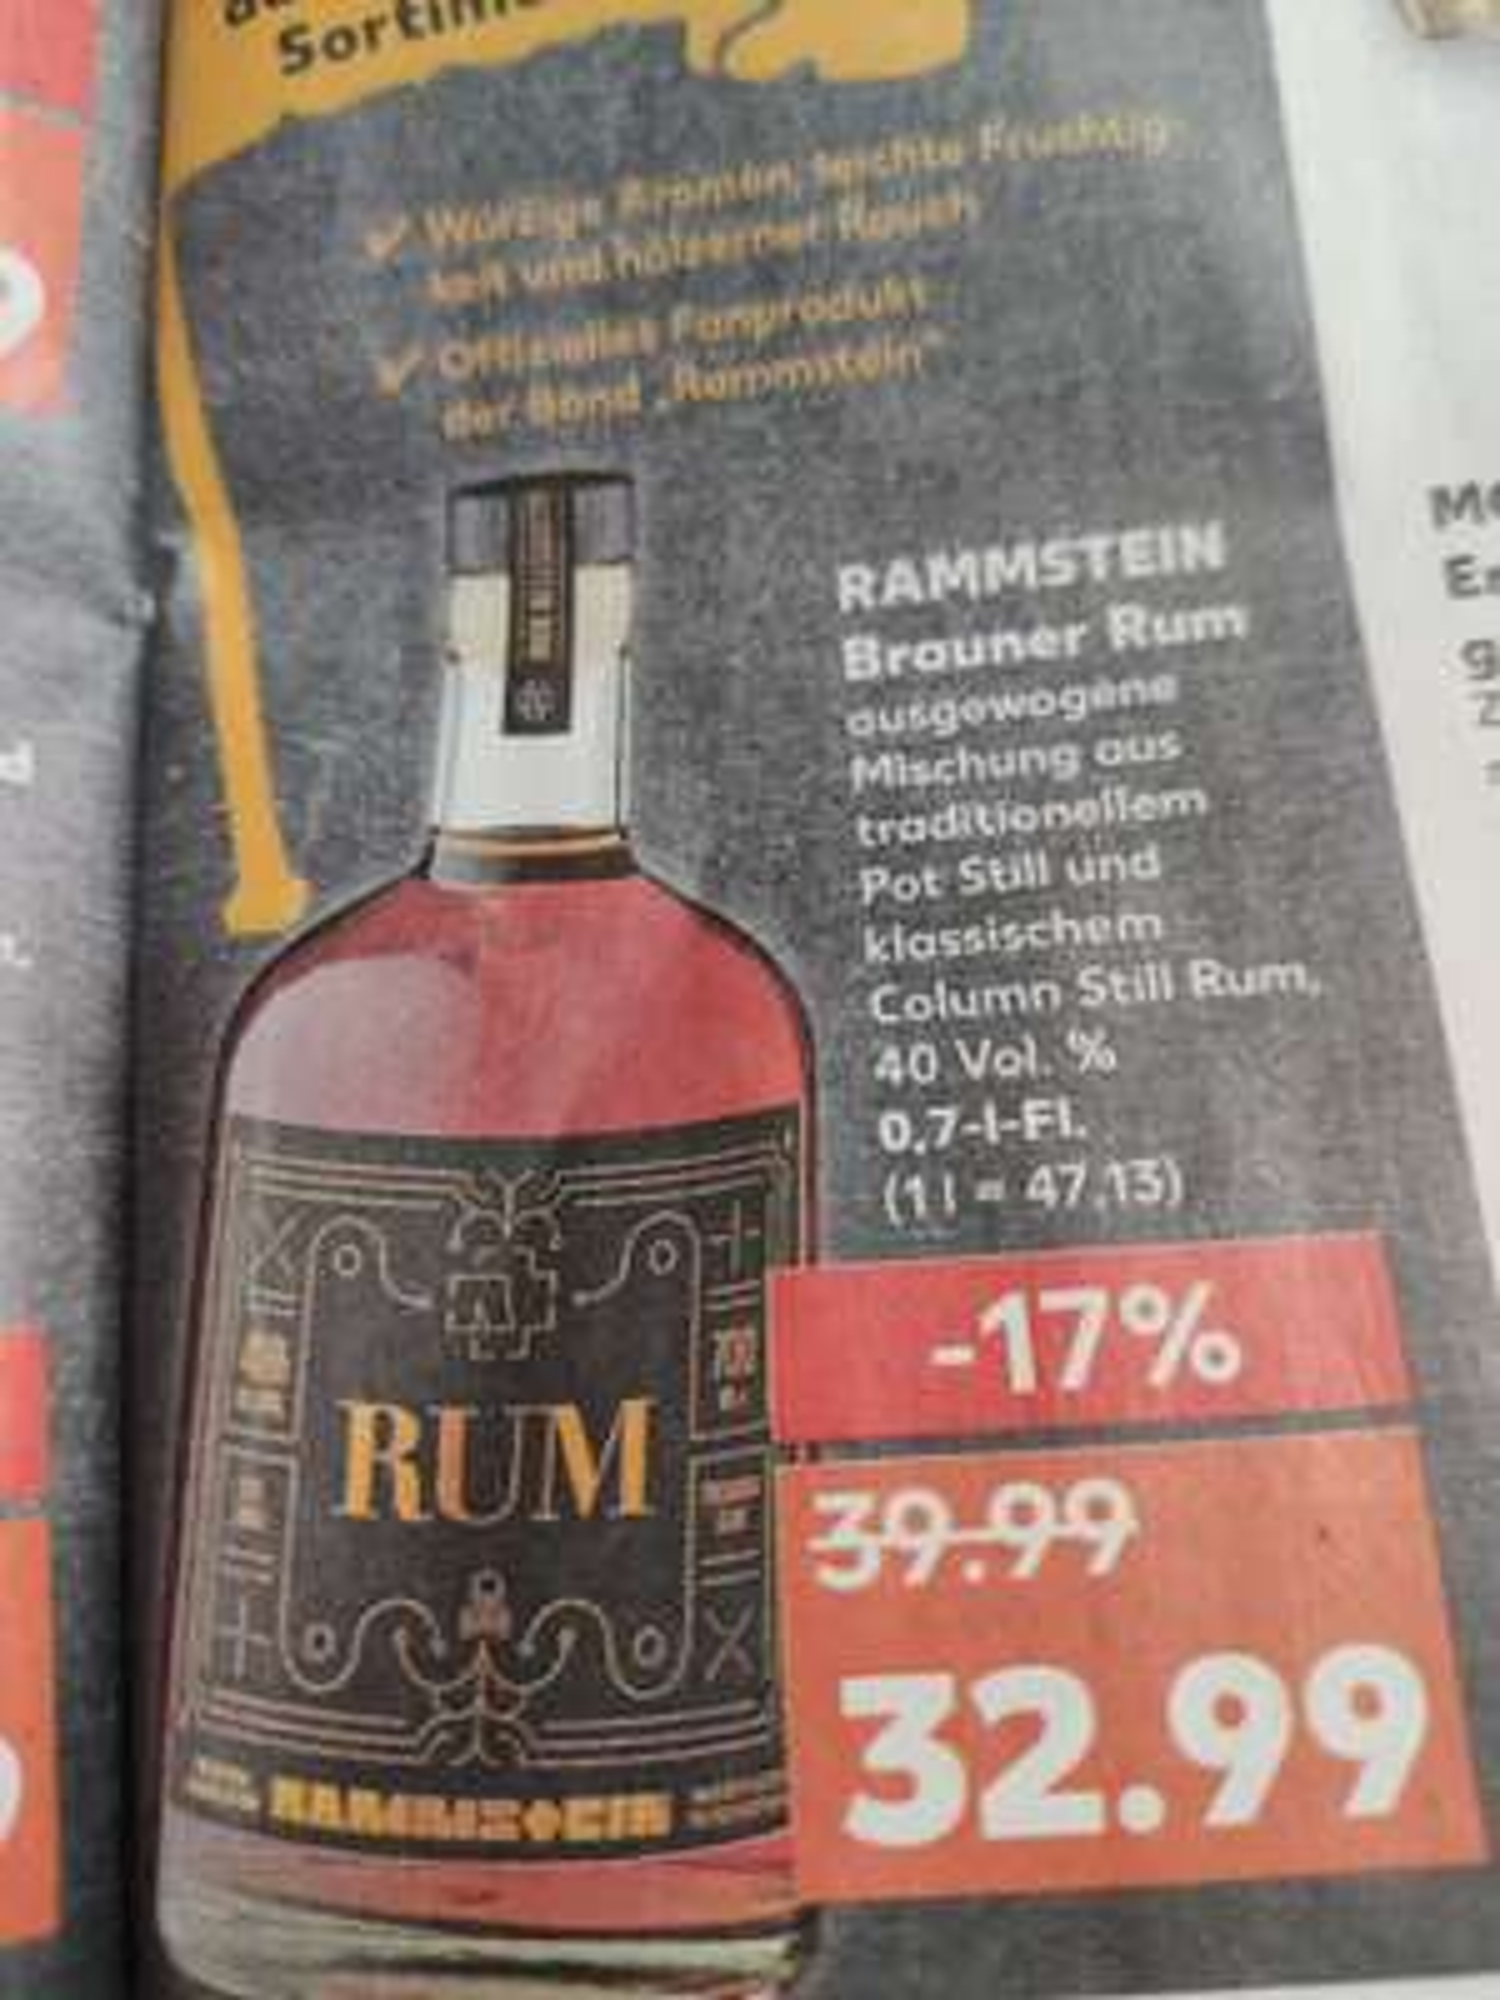 Rammstein Rum bei Kaufland